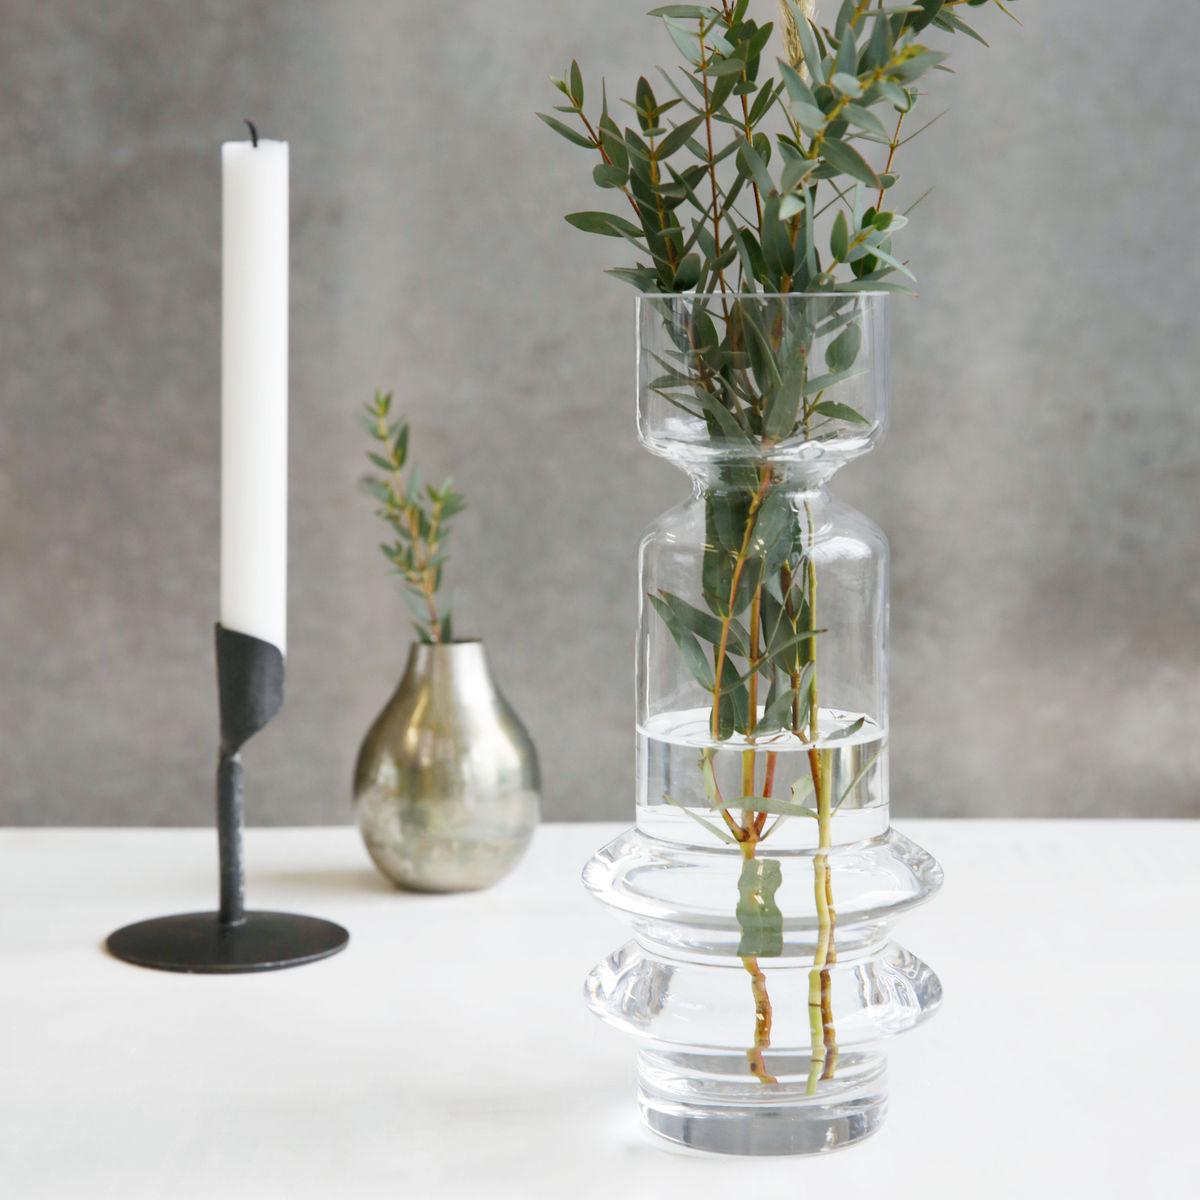 vase sapa house doctor vaser thomsons. Black Bedroom Furniture Sets. Home Design Ideas